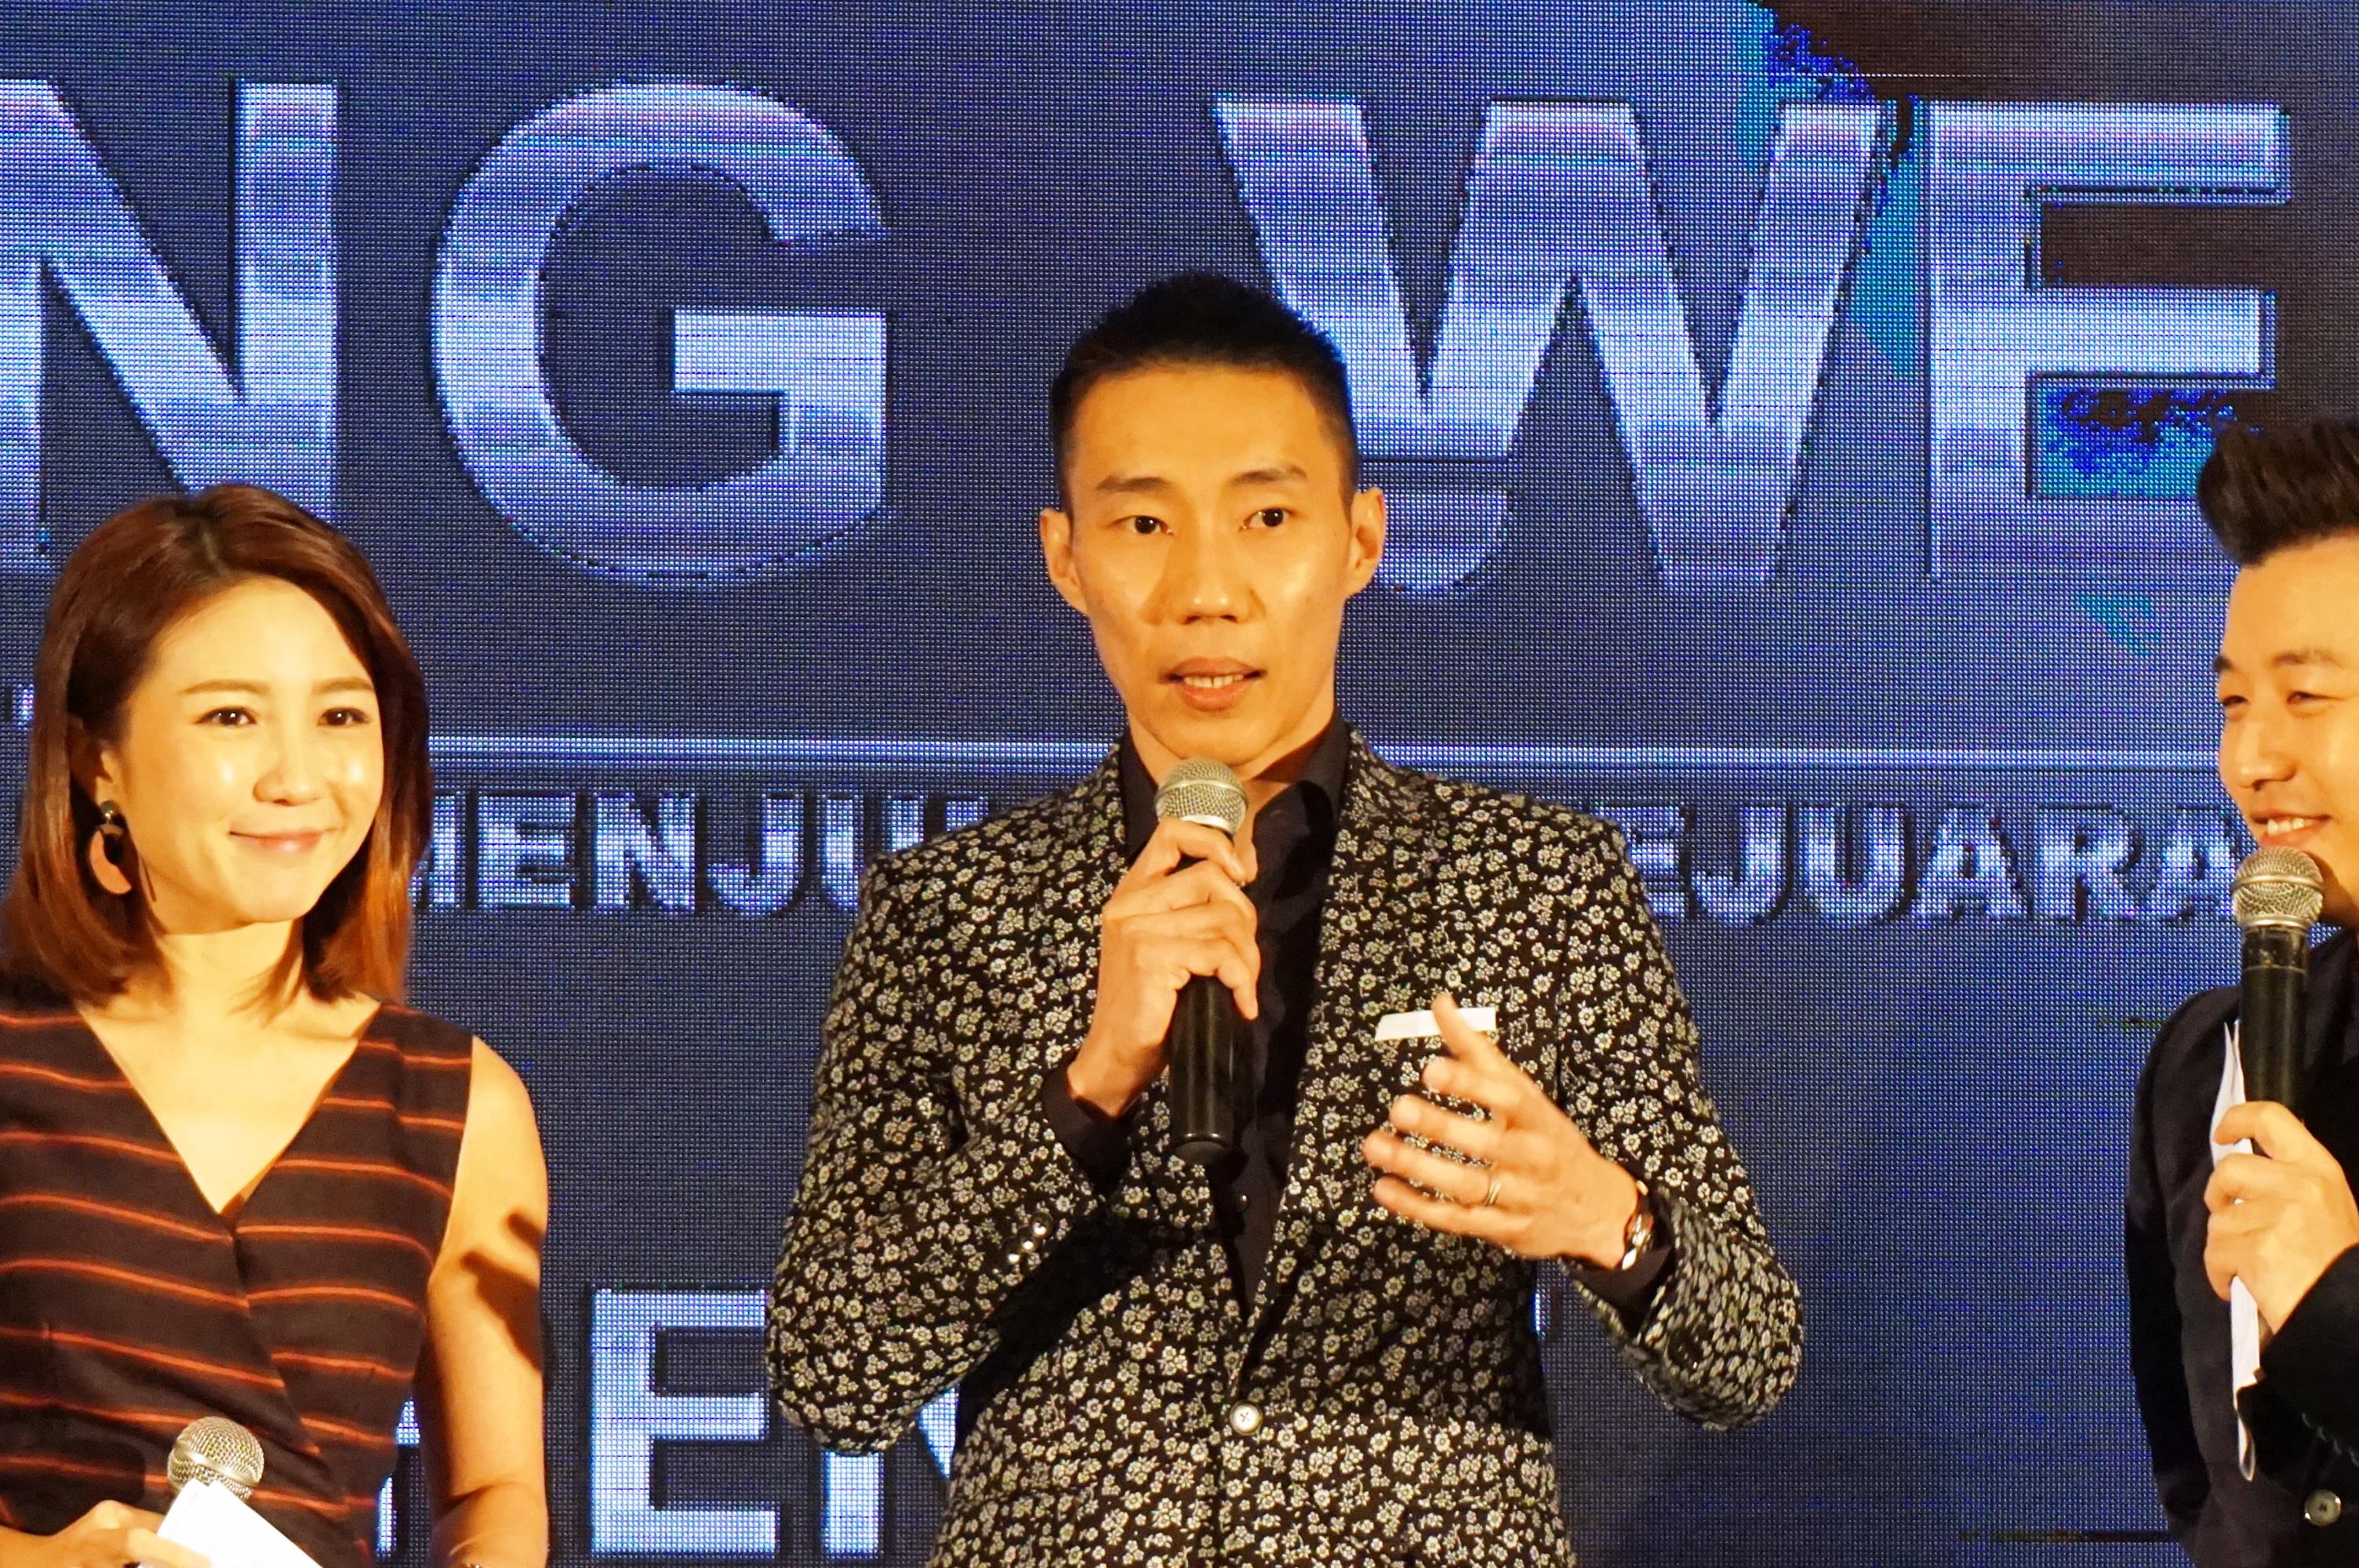 李宗伟在发布会上笑称拍电影比打球还累。-杨琇媖摄-